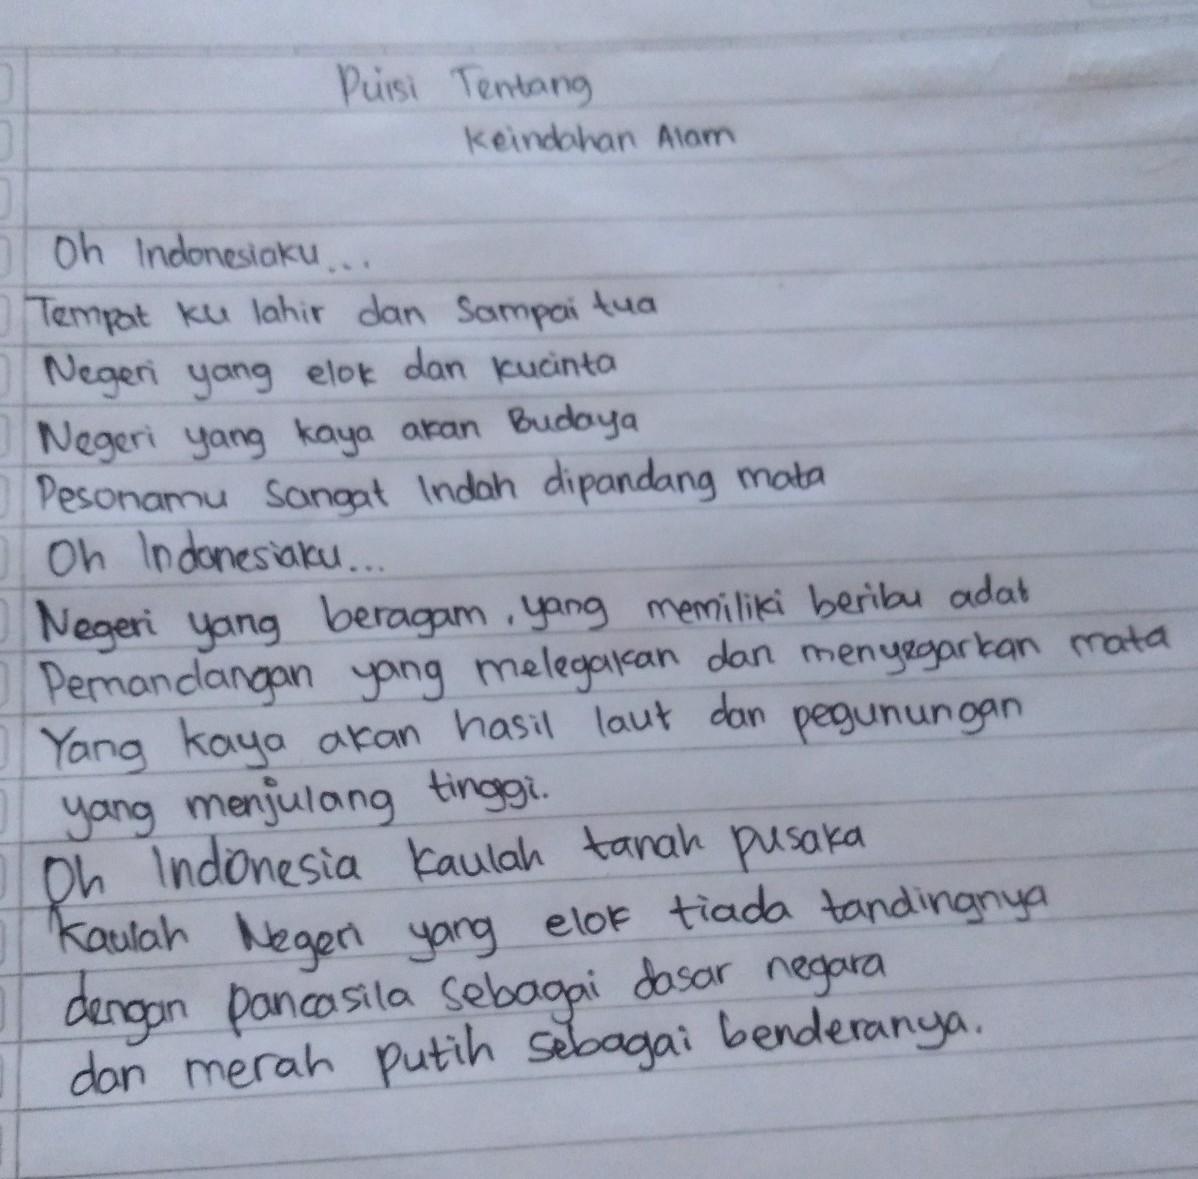 Tuliskan Contoh Puisi Tentang Keindahan Alam Indonesiaplis Jawab Aku Buru Buru Brainly Co Id